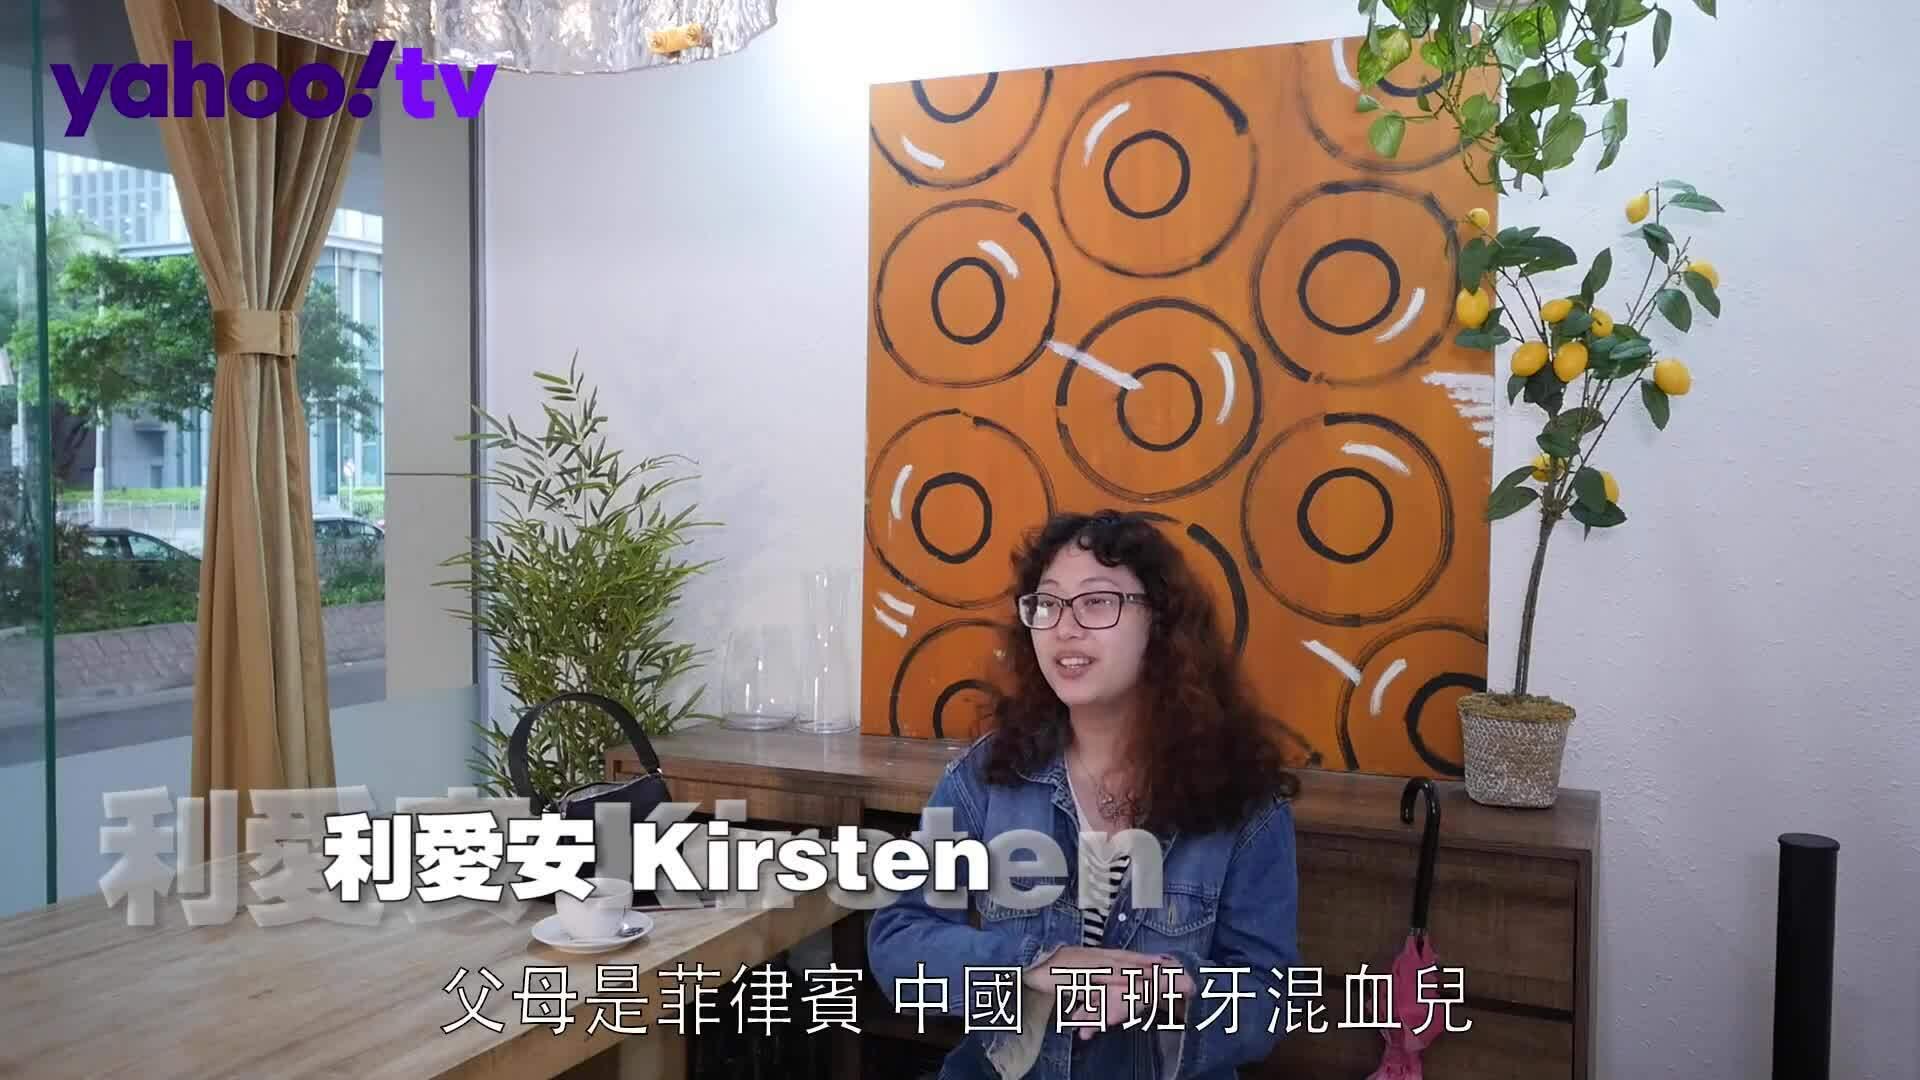 Kristen Fok giới thiệu về bản thân